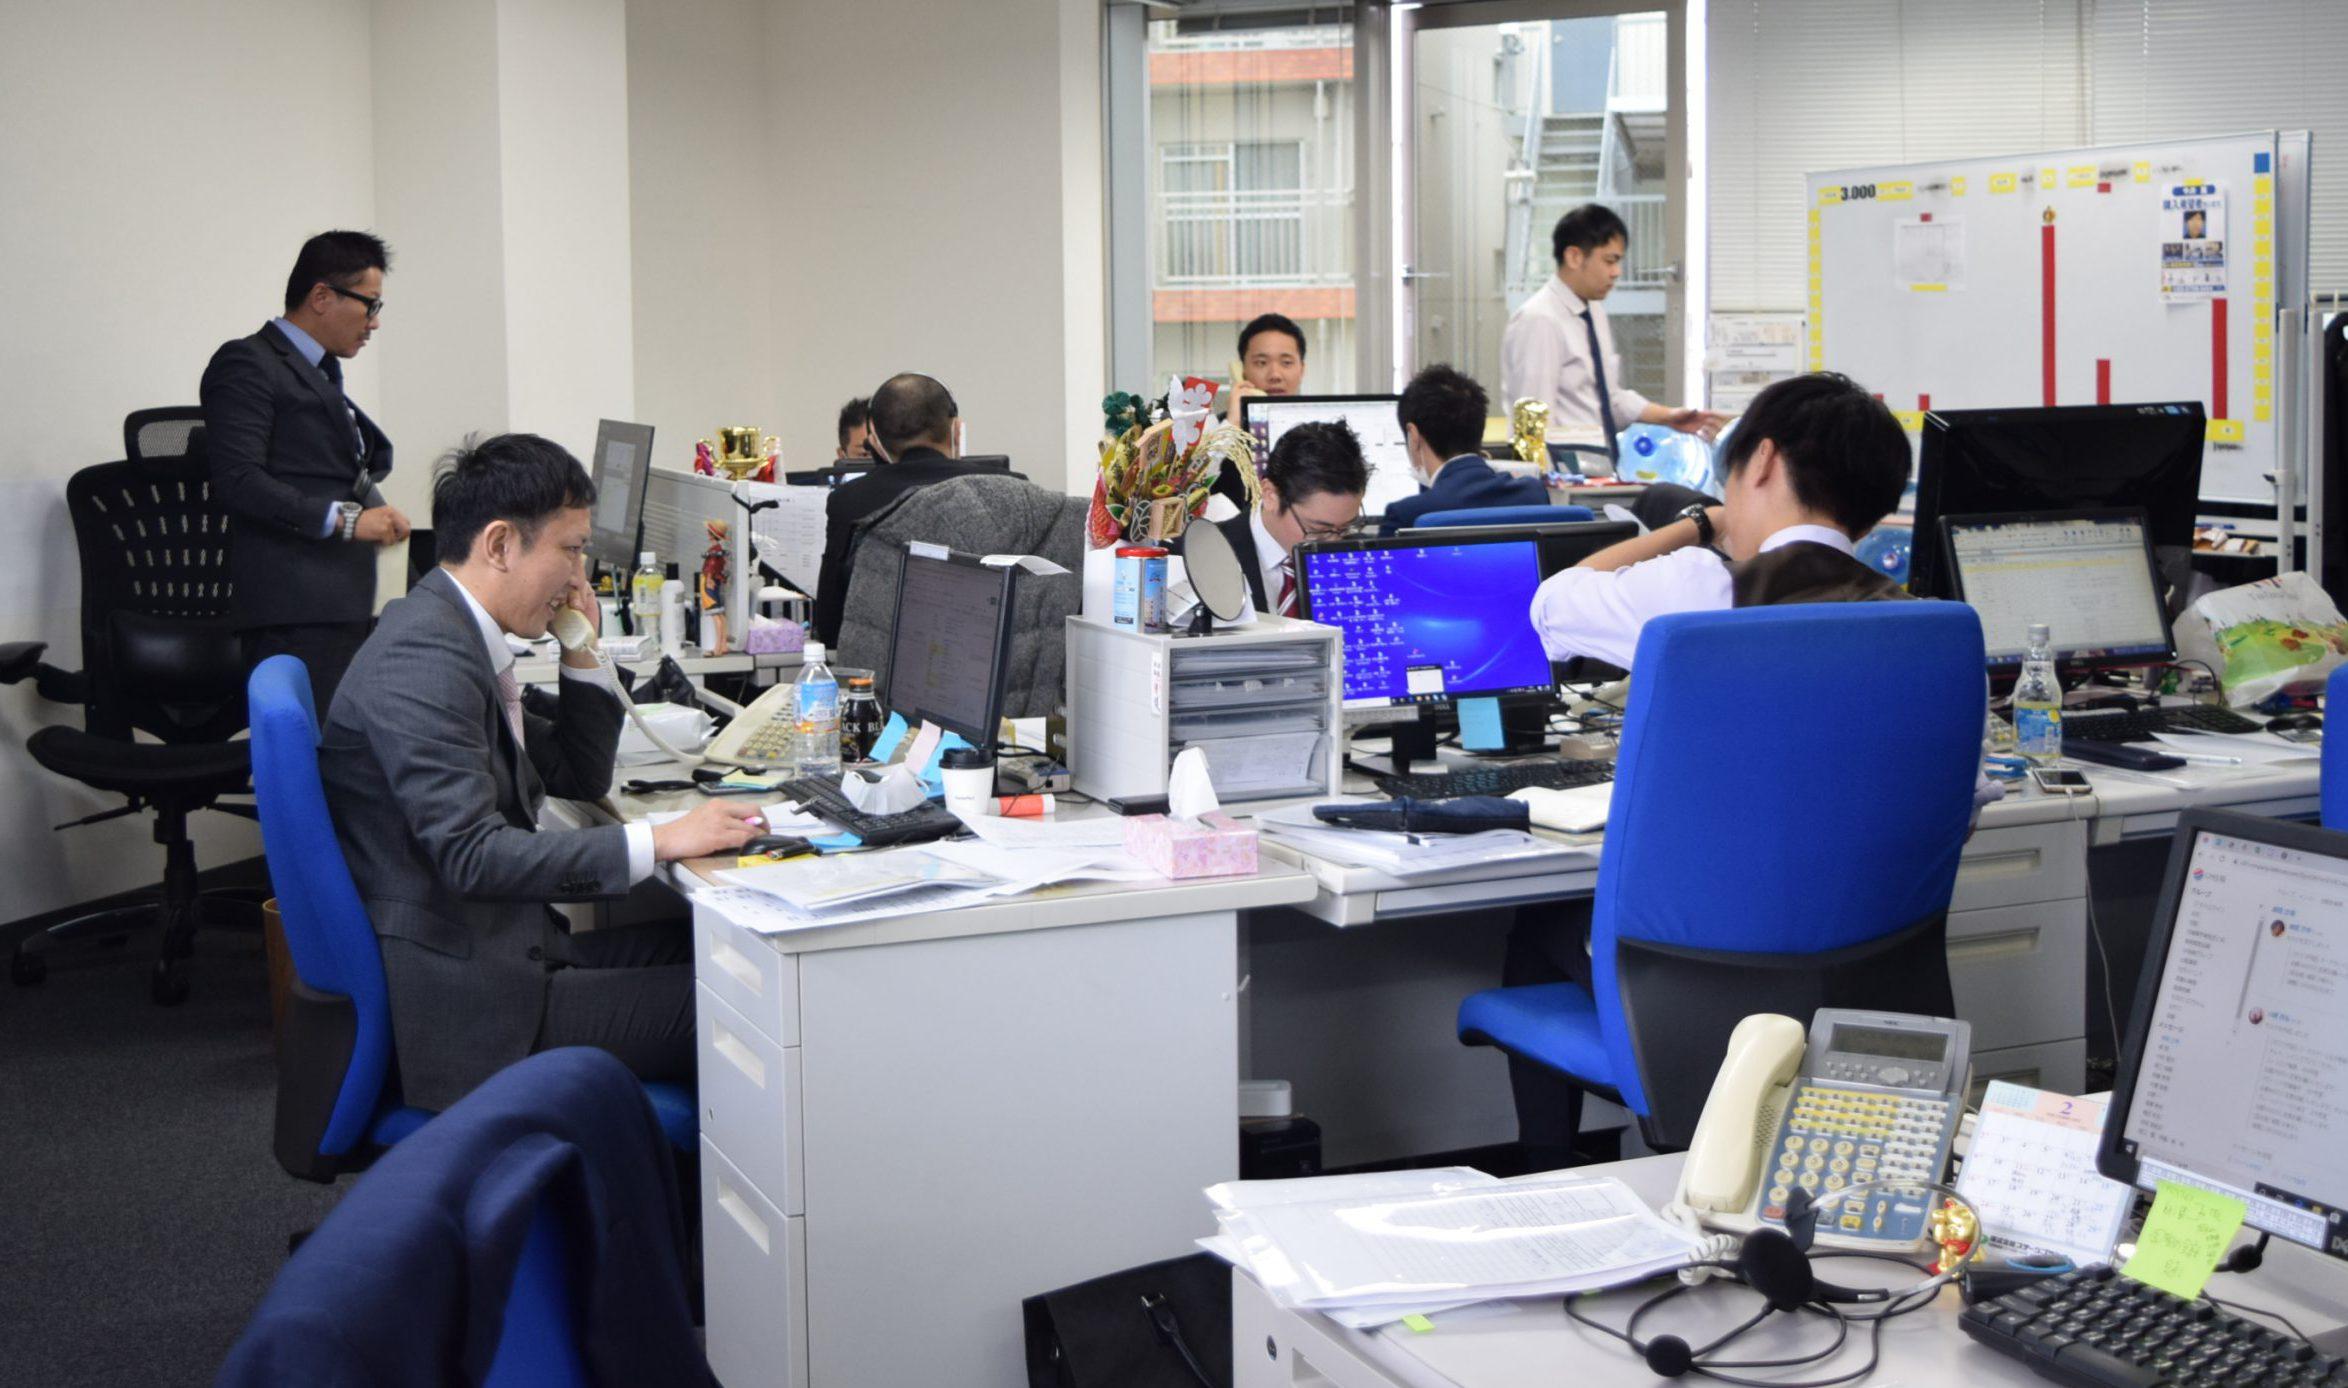 勤続年数3年社員の75%が年収1000万円超えの不動産会社【求人ページ制作】